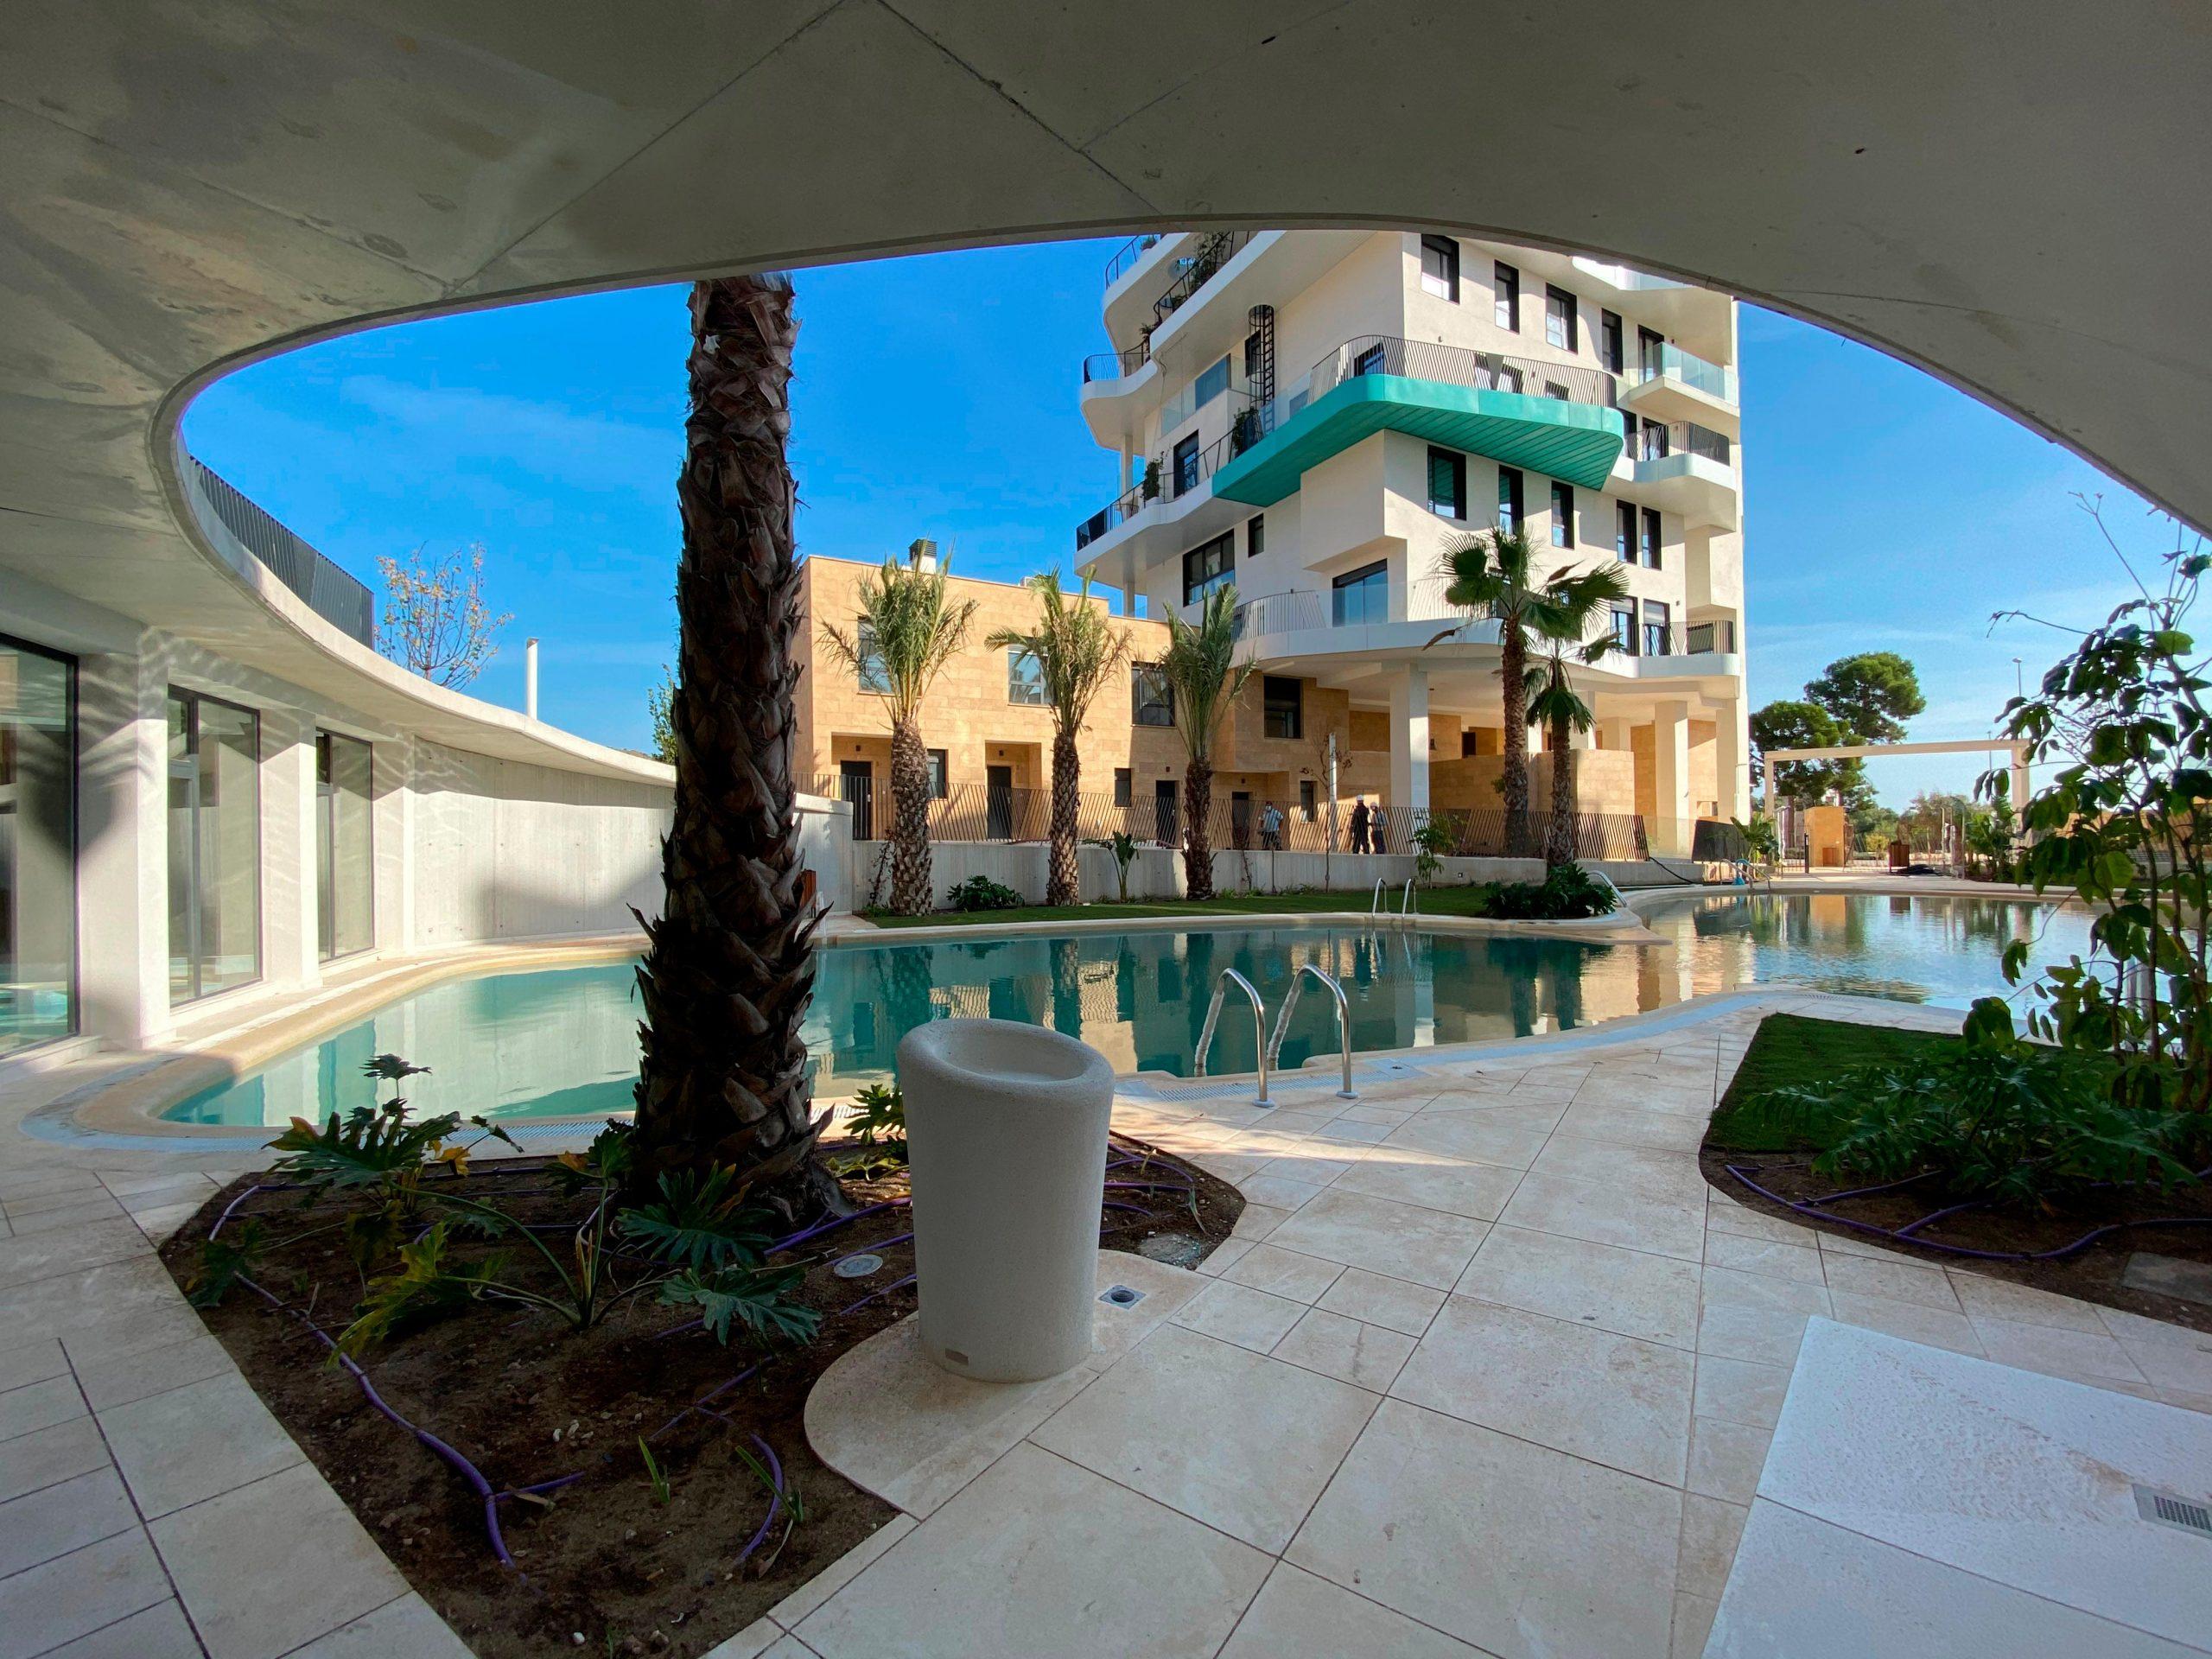 Visera de spa. Vistas a la torre de Allonbay Village, piscina tipo playa y vegetación de la urbanización